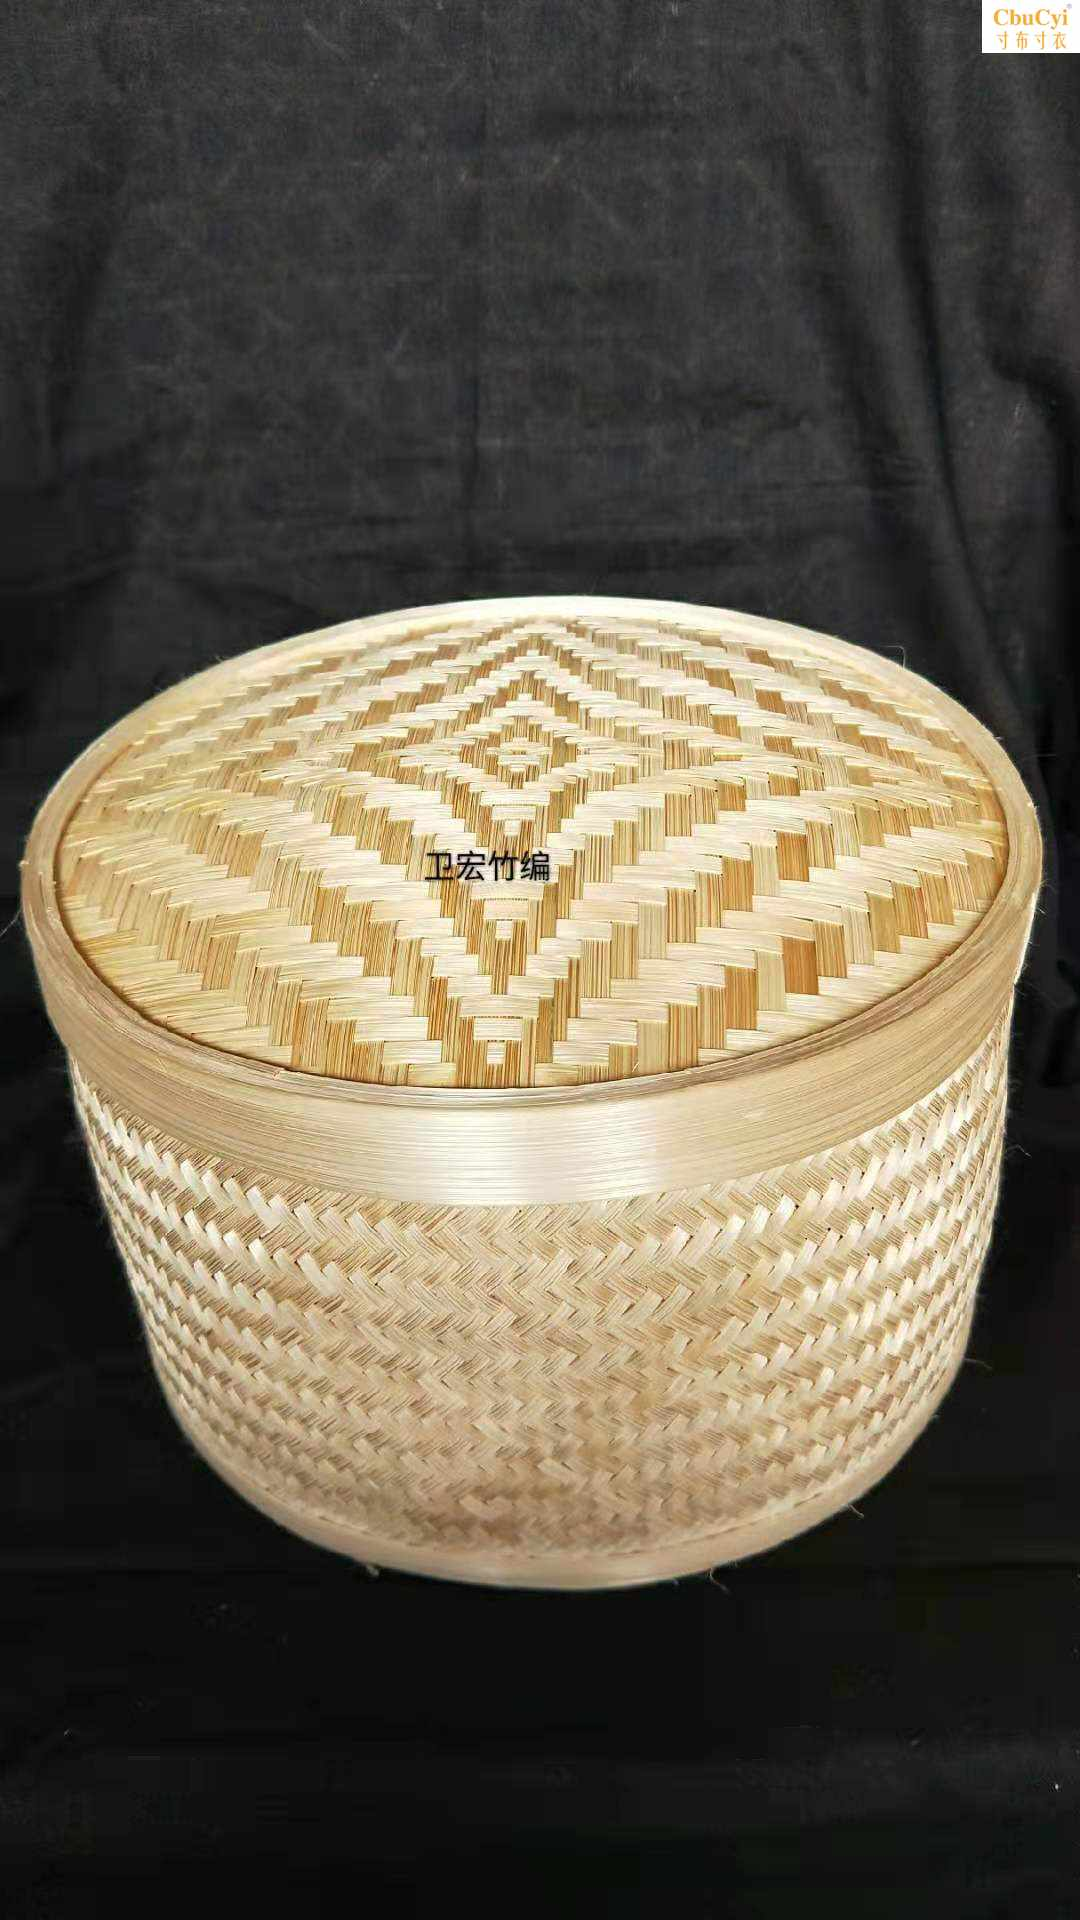 傣族纯手工编织收储盒糖盒茶扁盒饭盒无漆环保高17公分直径26